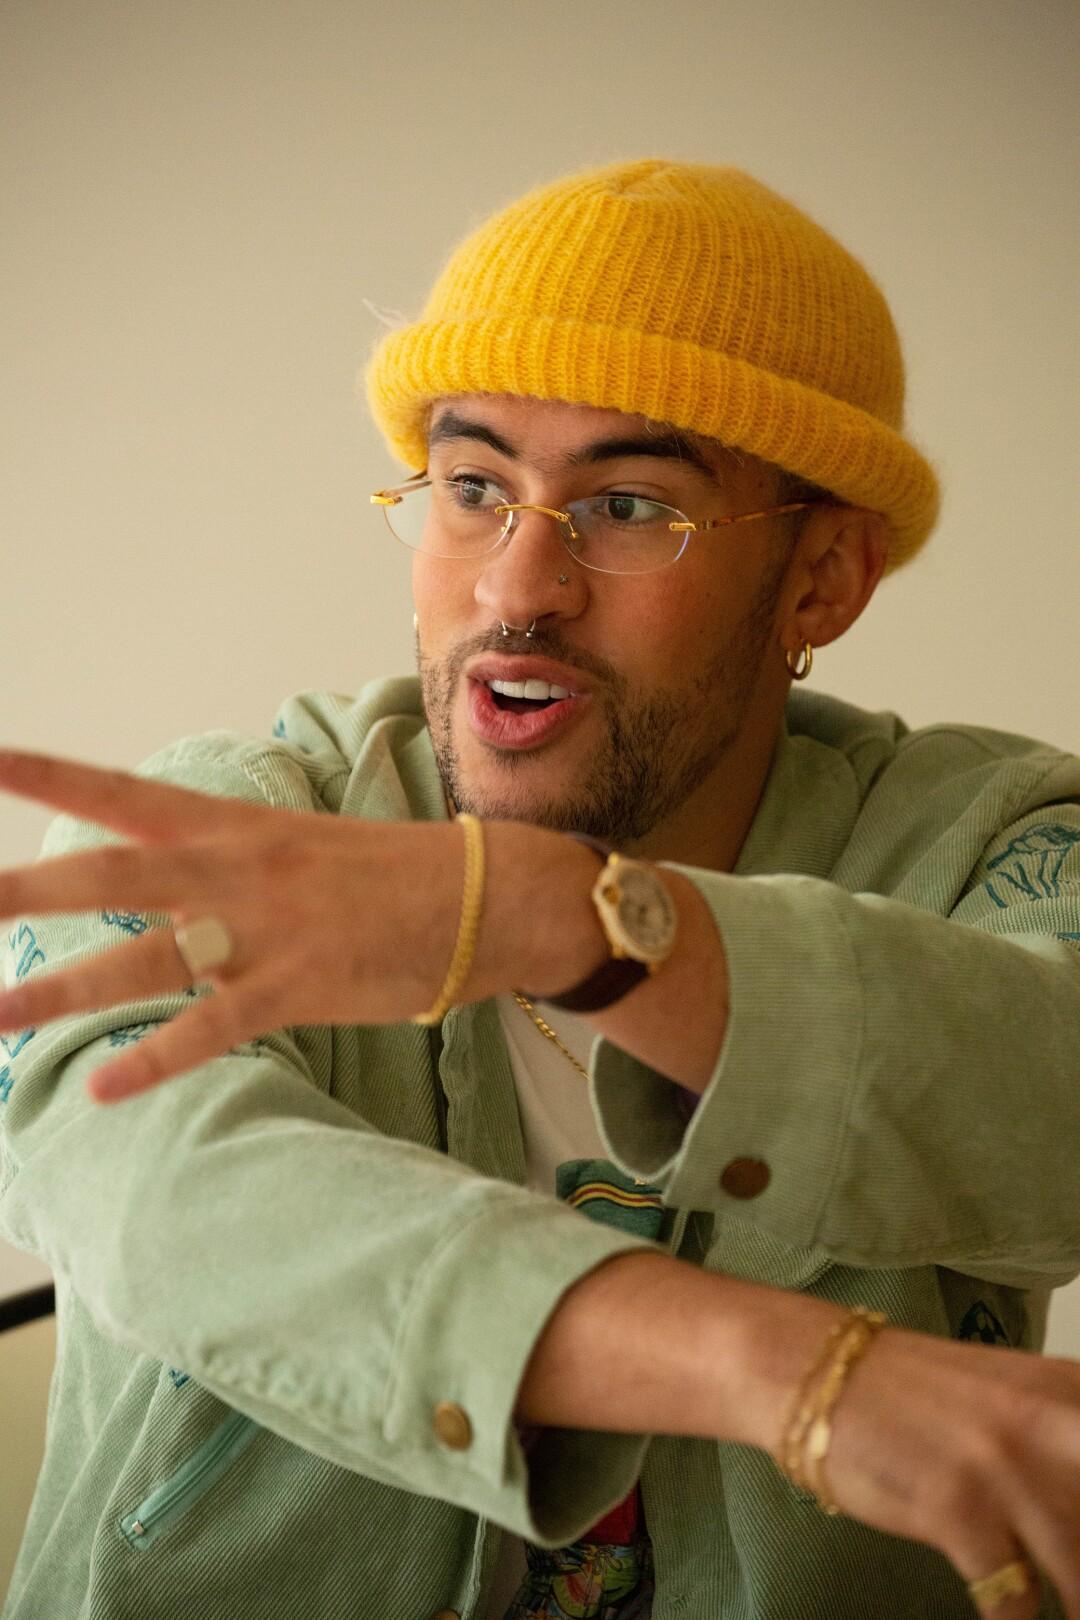 Puerto Rican singer Benito Antonio Martínez Ocasio, stage name Bad Bunny.